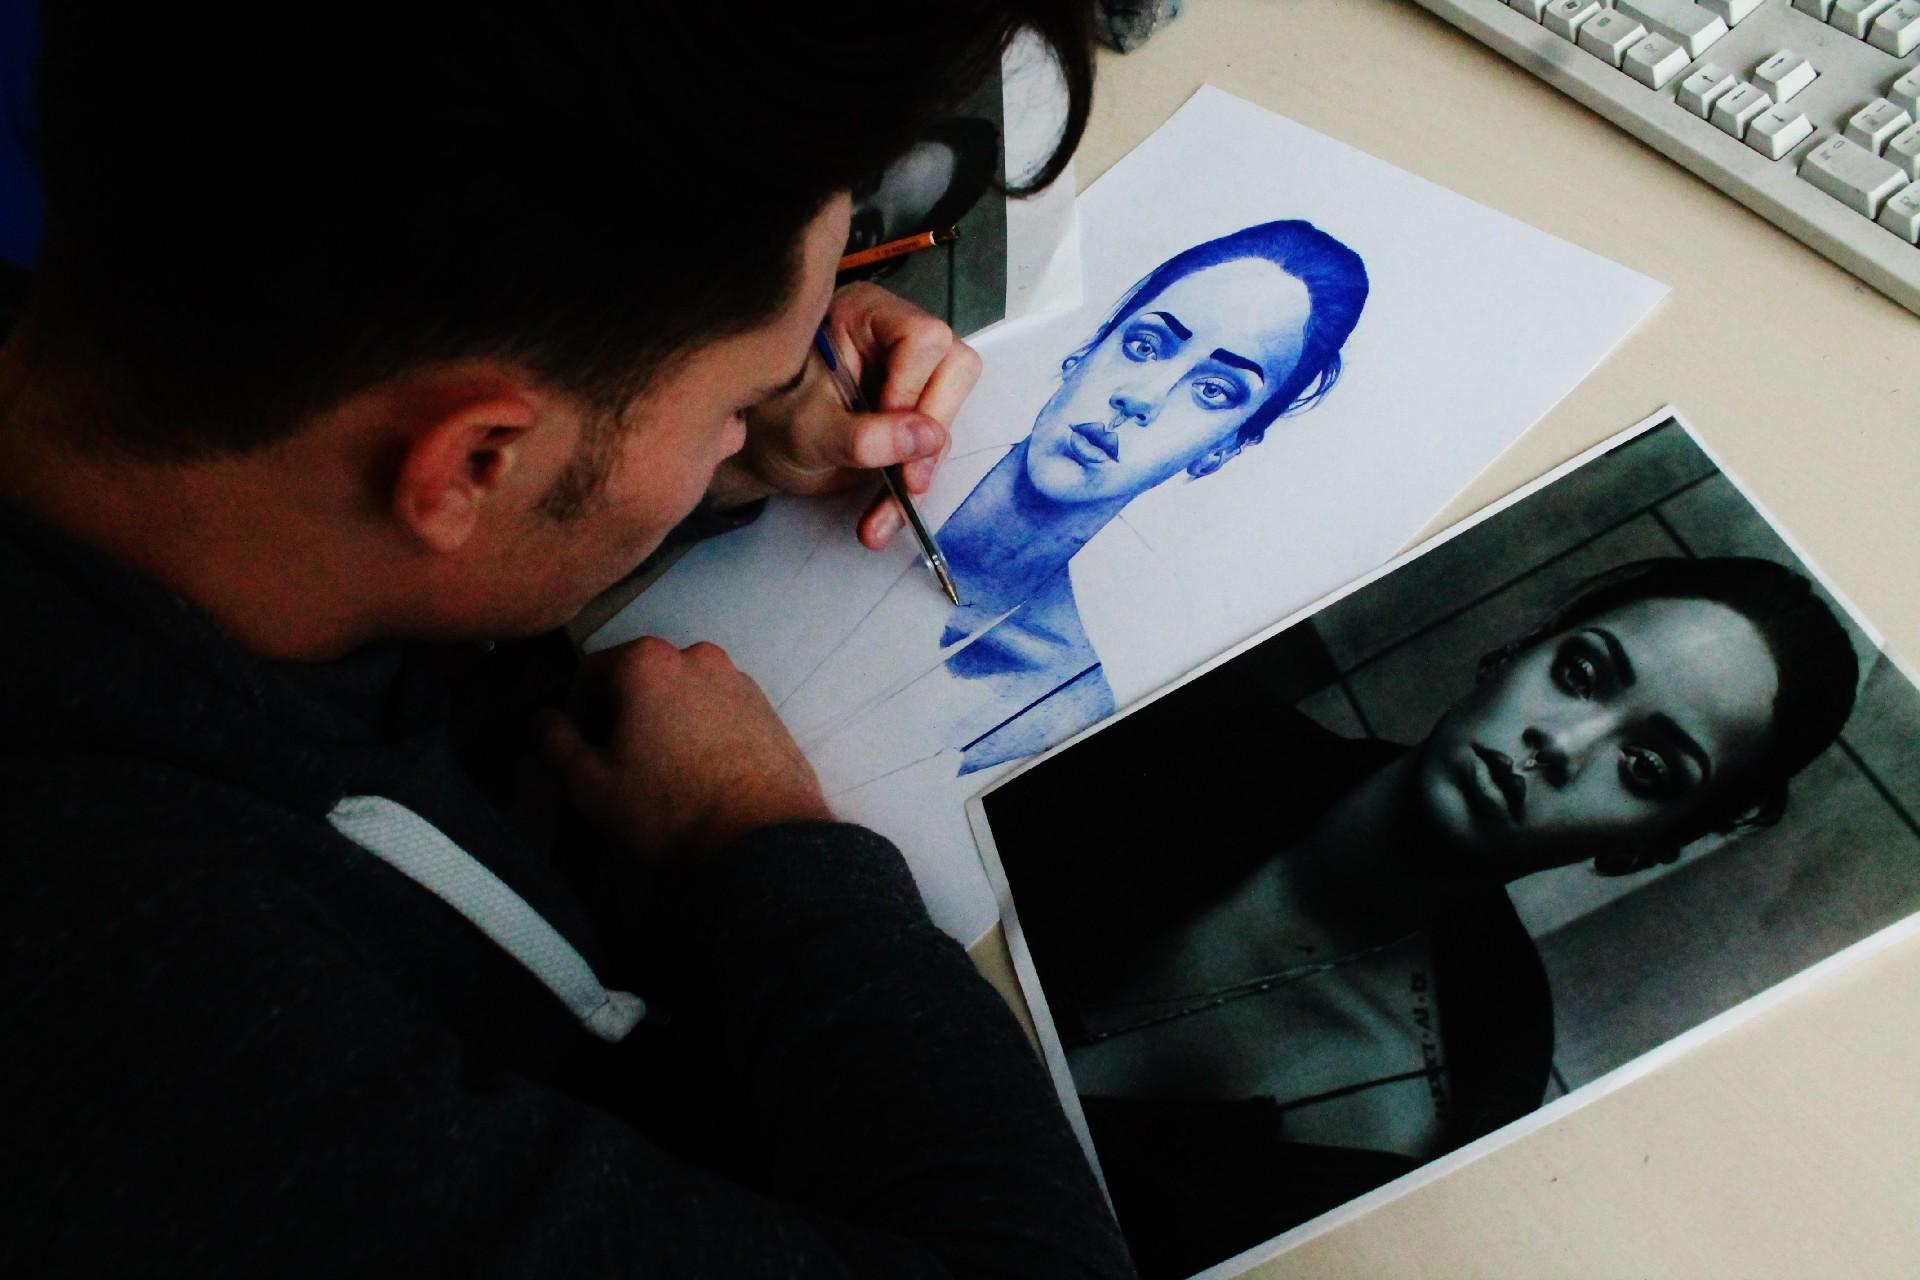 Studente che disegna